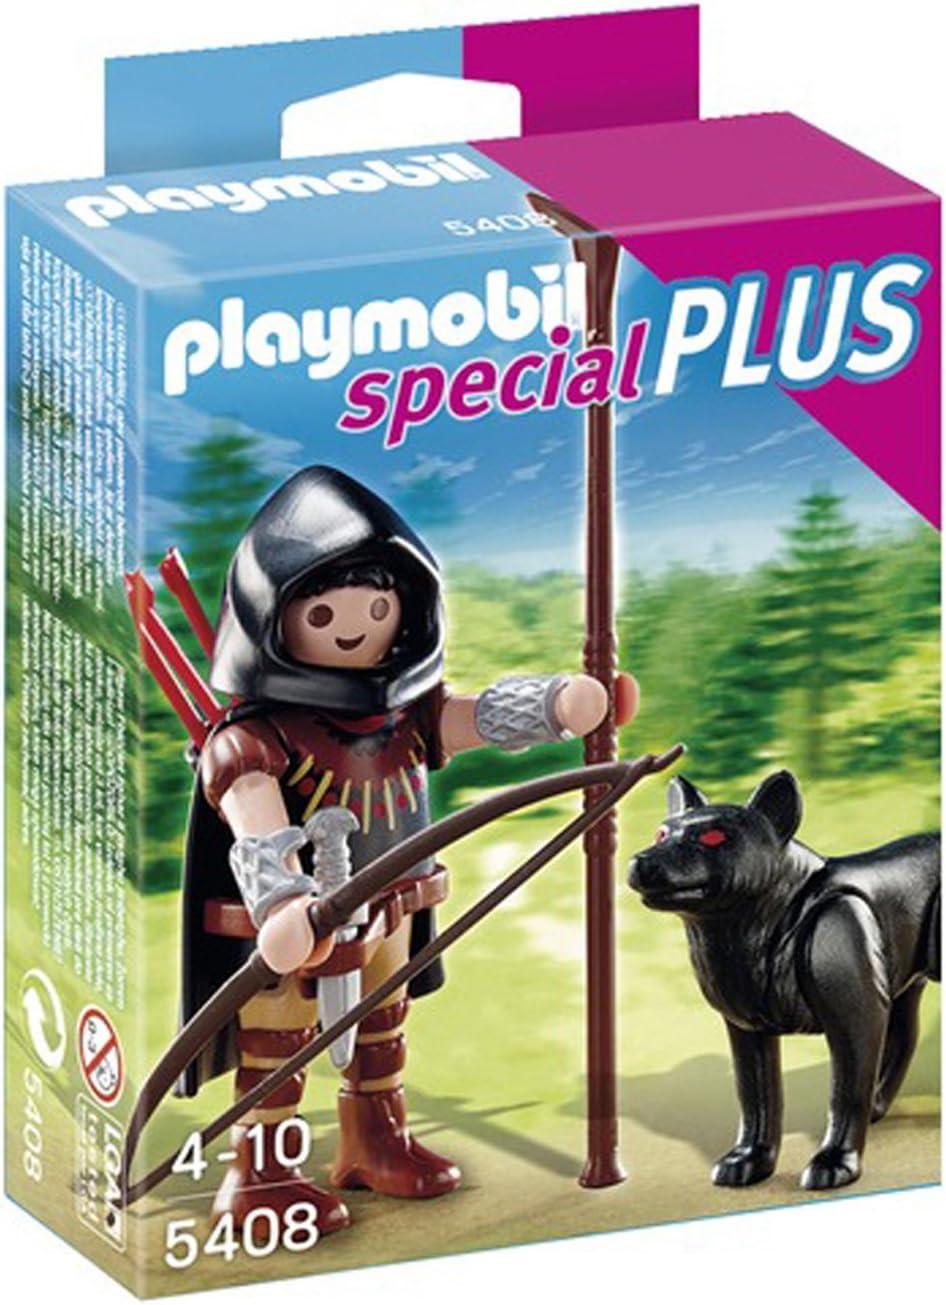 PLAYMOBIL Especiales Plus - Caballero del Lobo (5408): Amazon.es: Juguetes y juegos